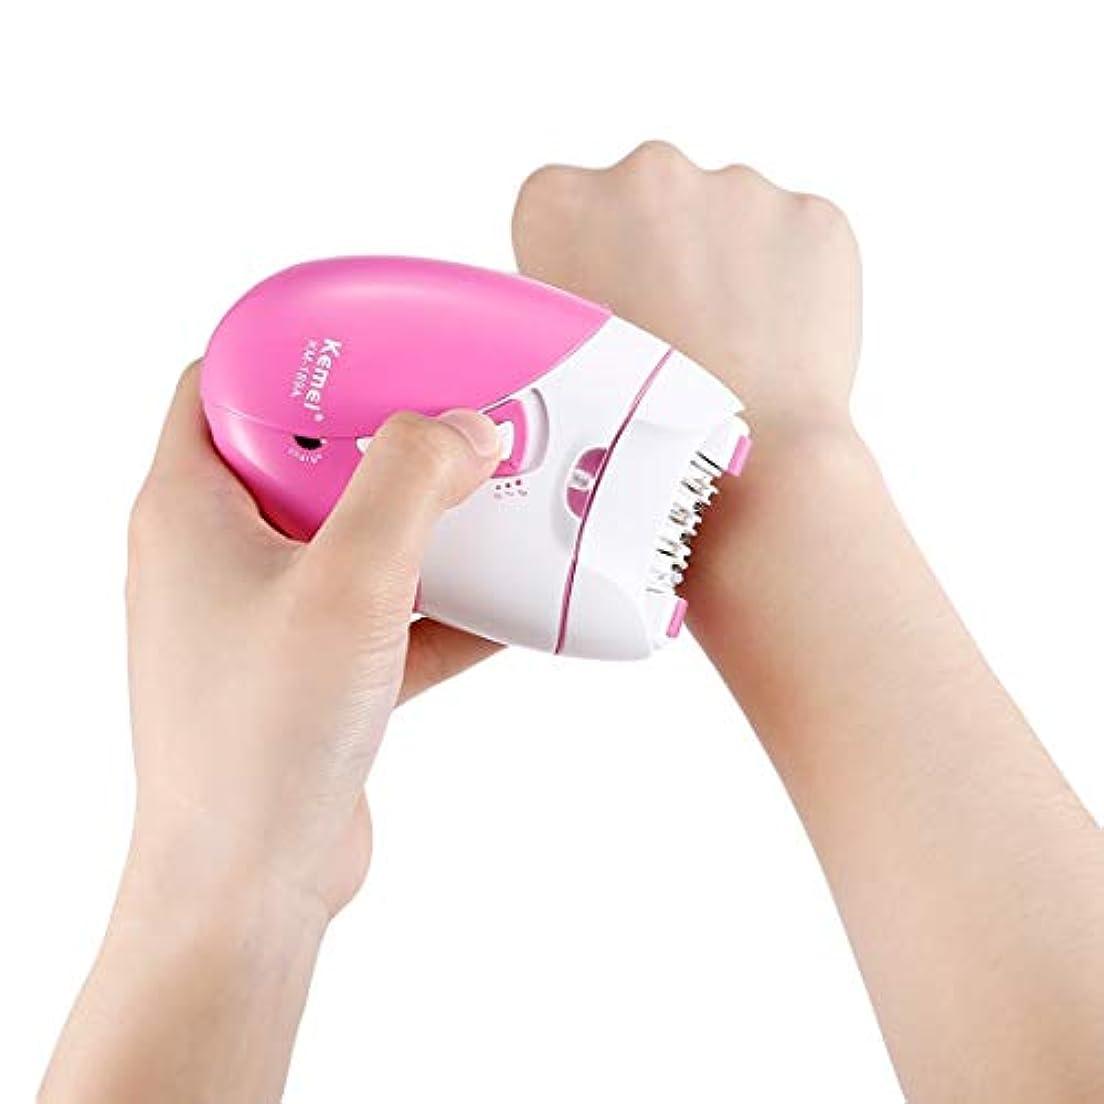 遺跡安心貸し手Trliy- Usb充電電動脱毛器、痛みのない脱毛器フェイシャルフェイスパーソナルケア美容機器ビキニボディ脇の下治療皮膚フラッシュかみそりシェーバートリマー